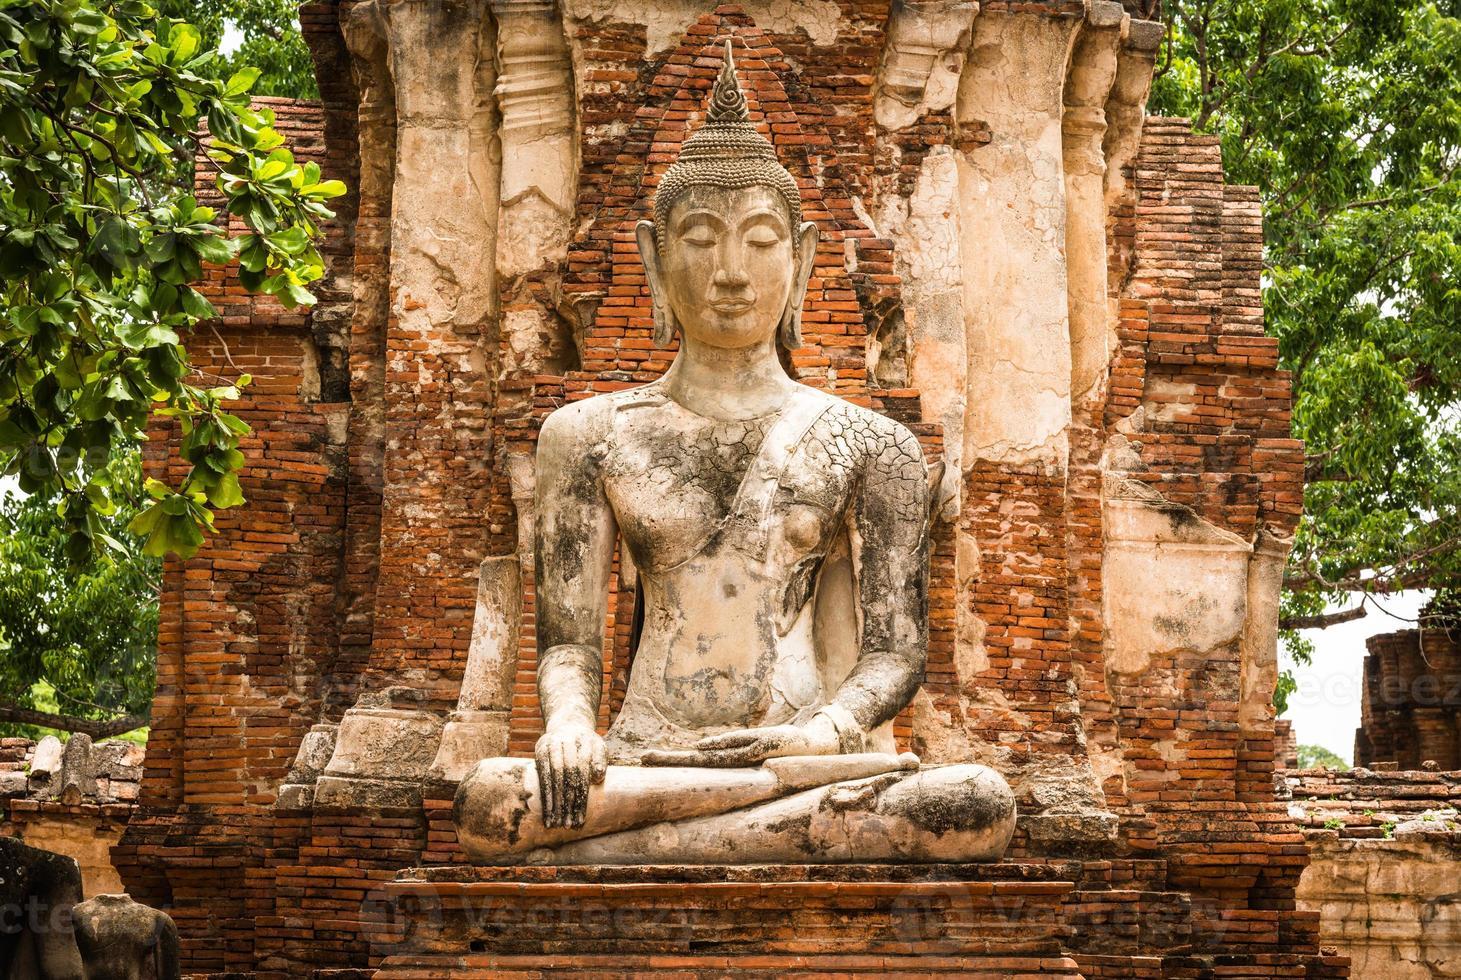 alte Buddha-Statue und alte Tempelarchitektur foto